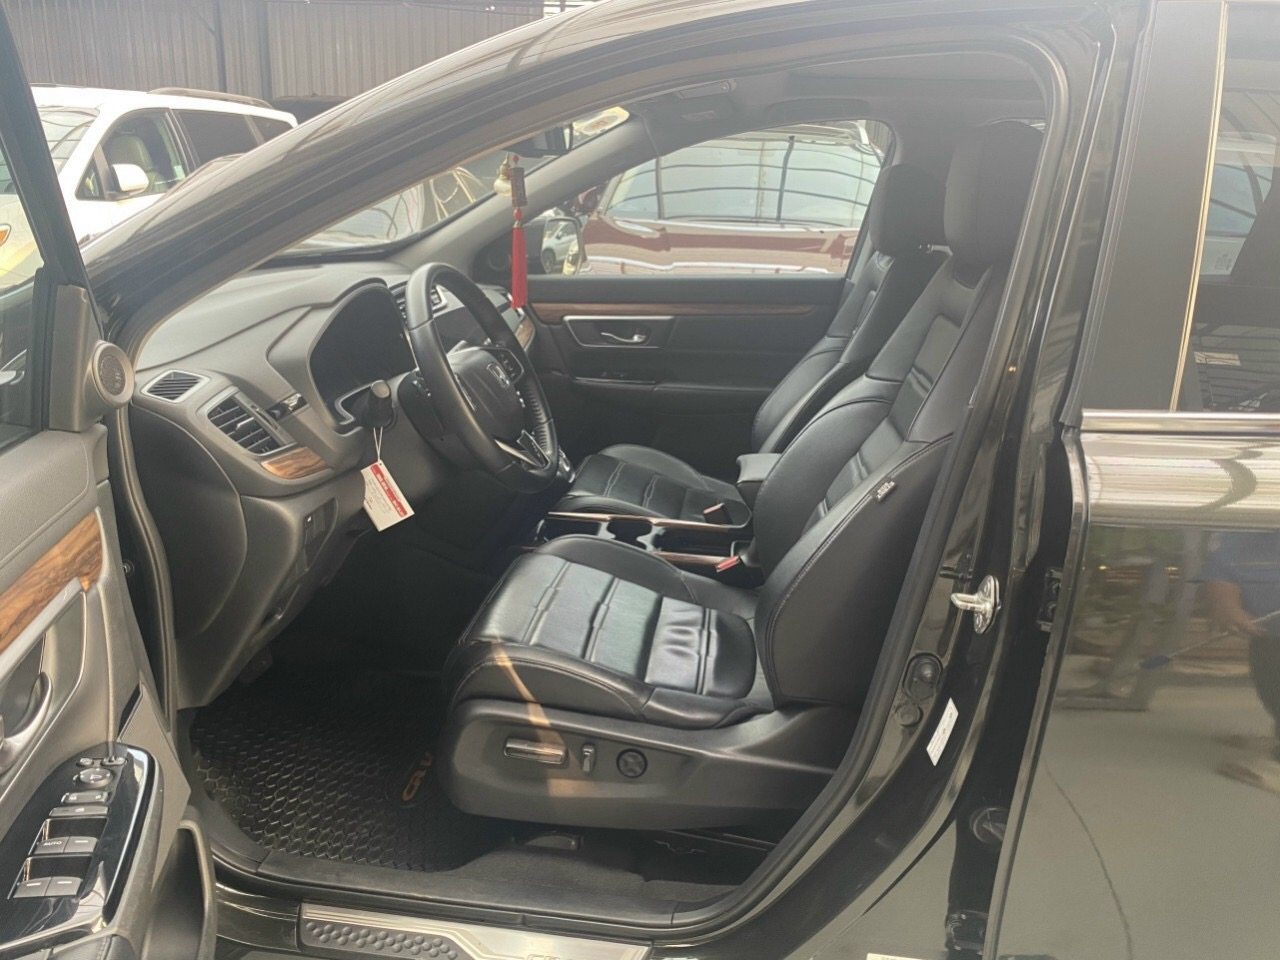 Bán xe CR-V máy 1.5L Turbo sx 2018 màu đen